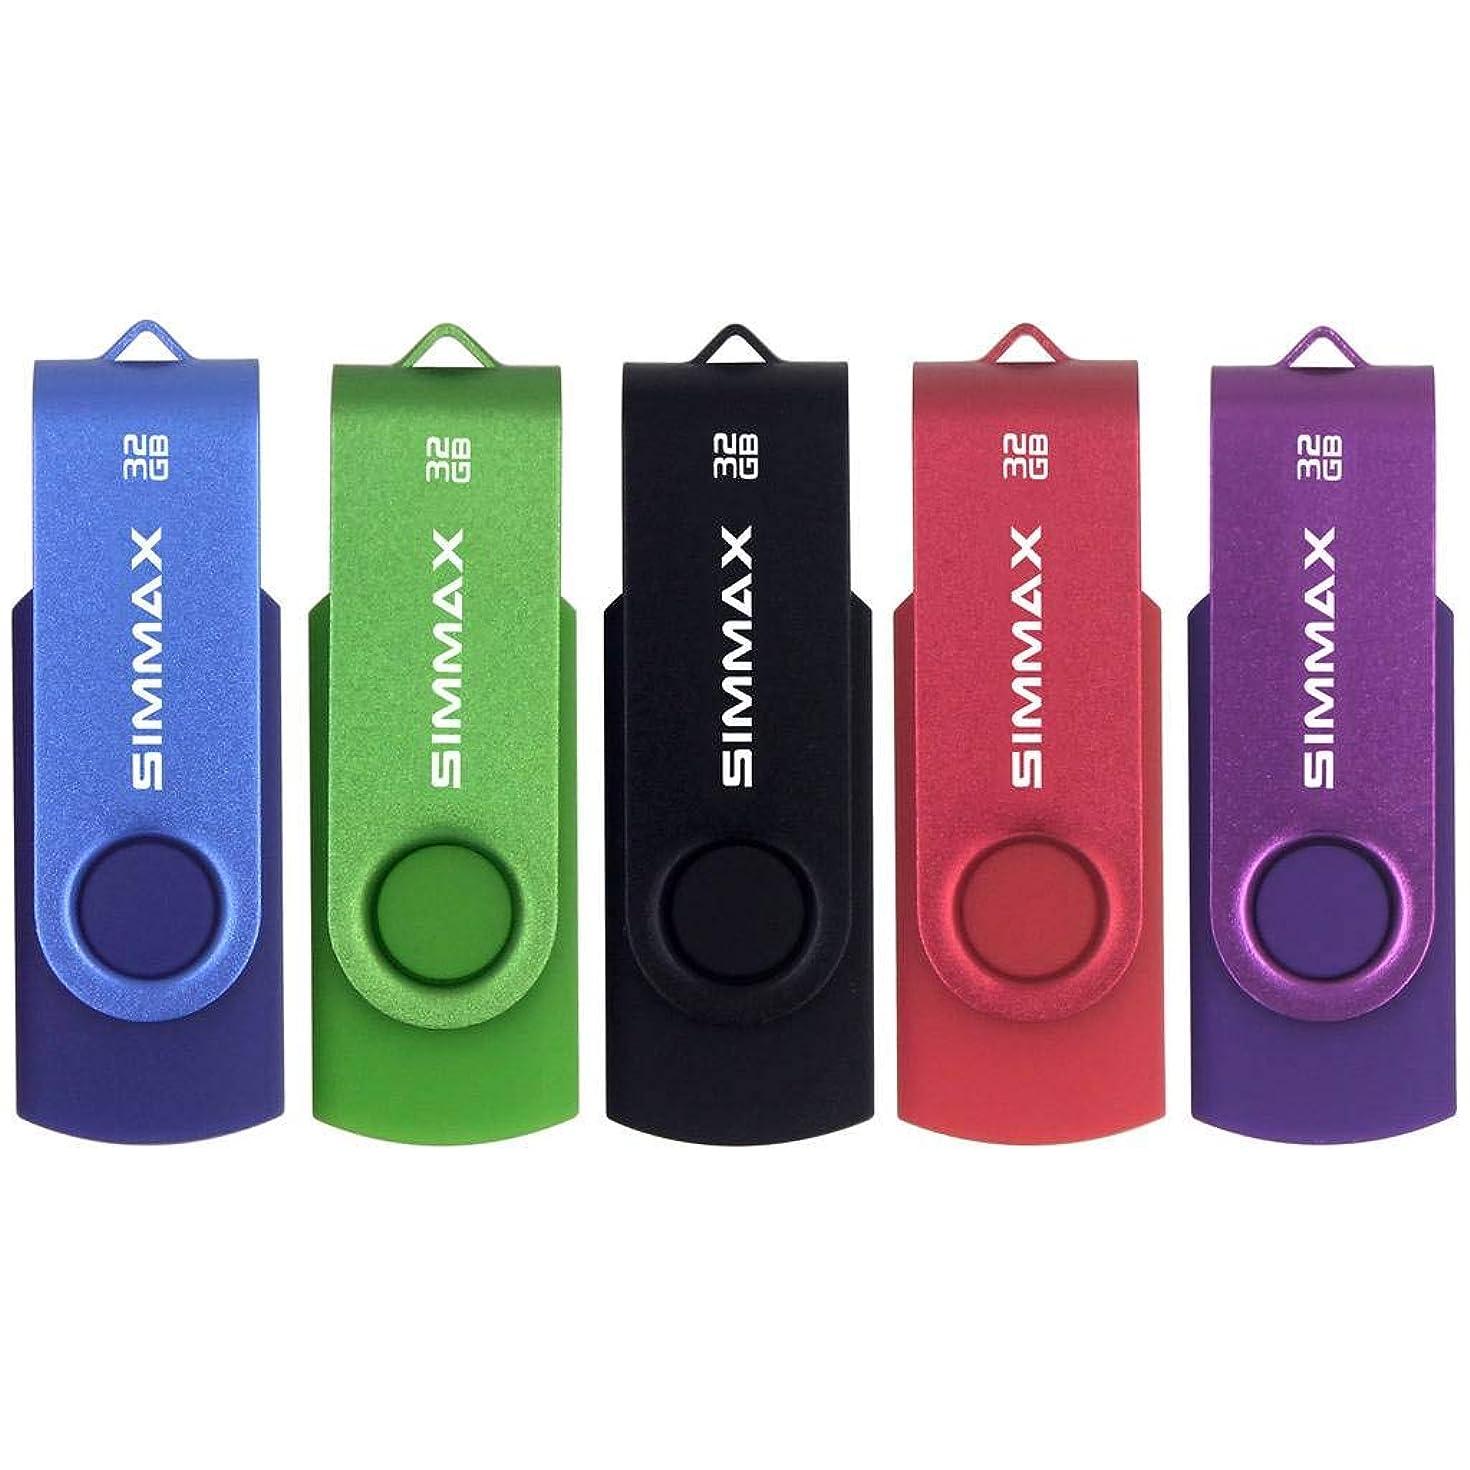 SIMMAX USB Flash Drives 5 Pack 32GB Memory Stick Swivel Design USB 2.0 Flash Drive Thumb Drive Zip Drives (32GB Blue Green Black Red Purple)